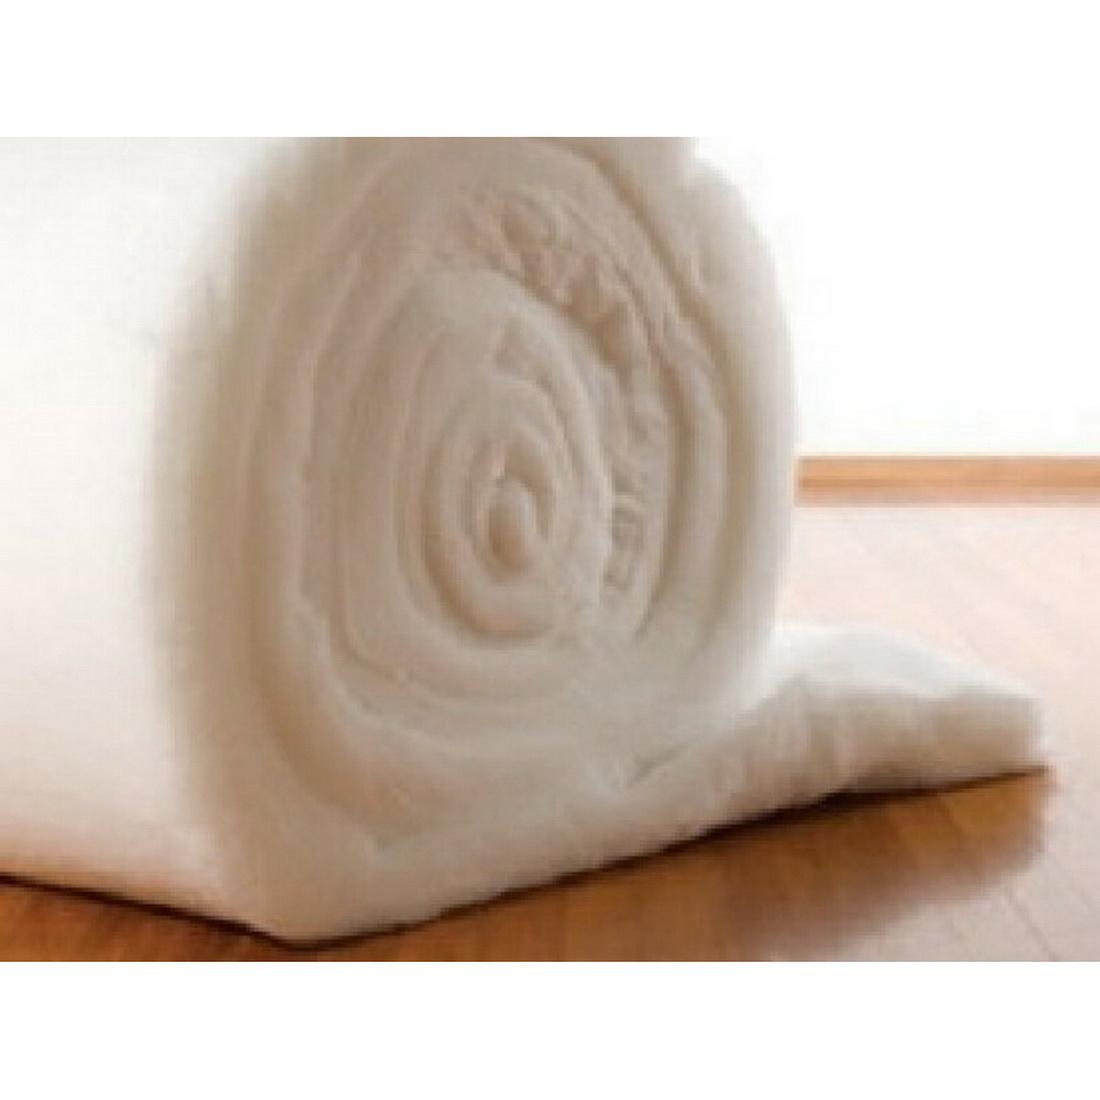 R 1.5 11110x450mm 20sq-m Polyester Underfloor Insulation Blanket